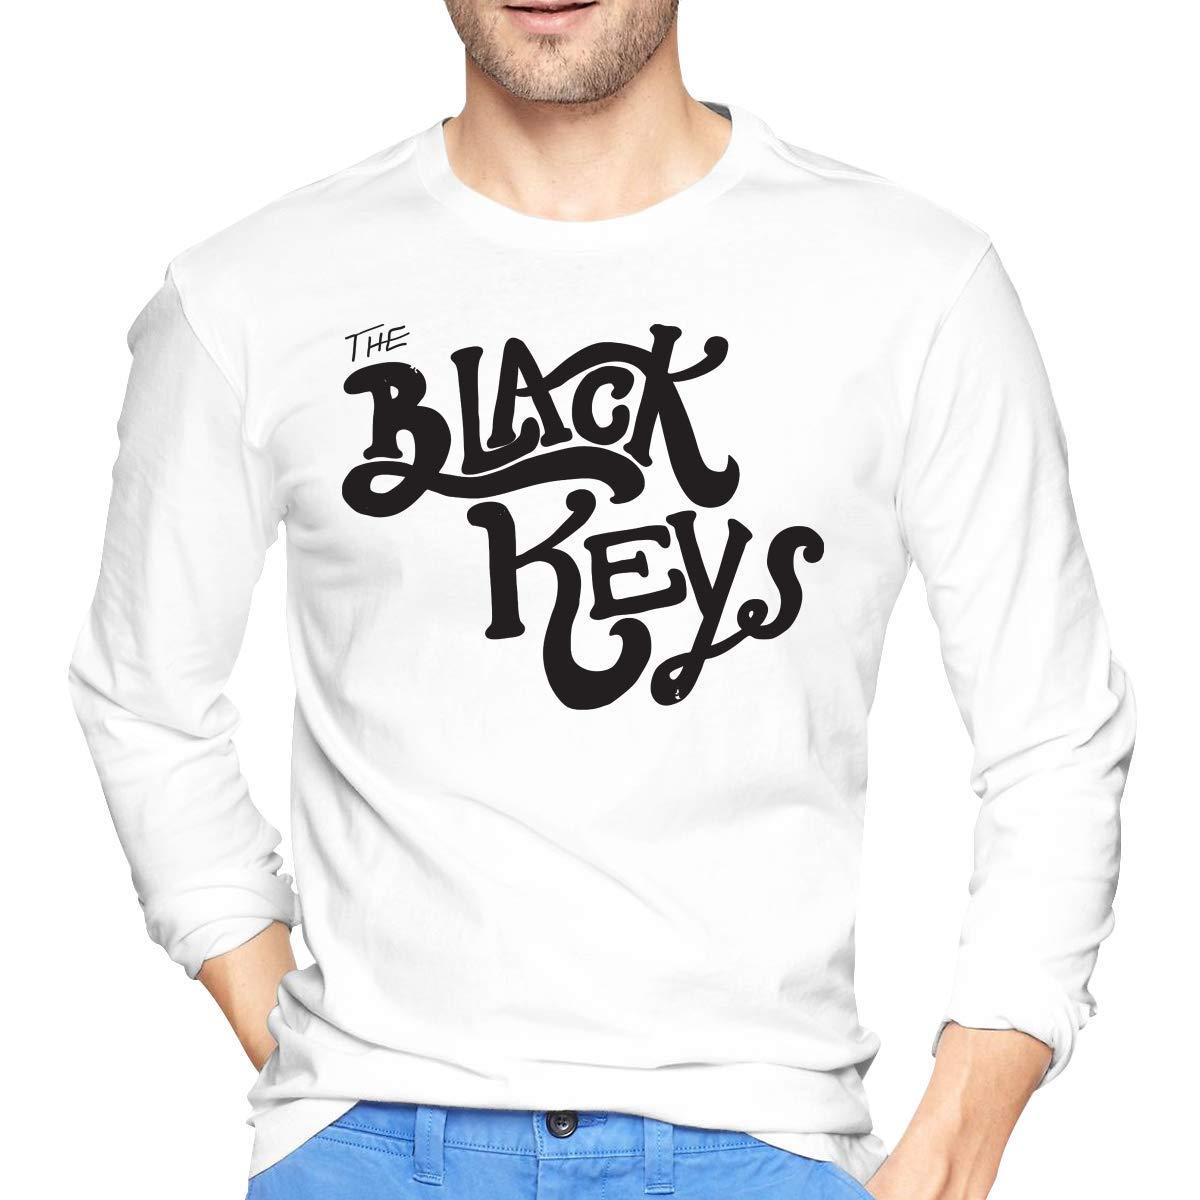 Fssatung S The Black Keys T Shirts